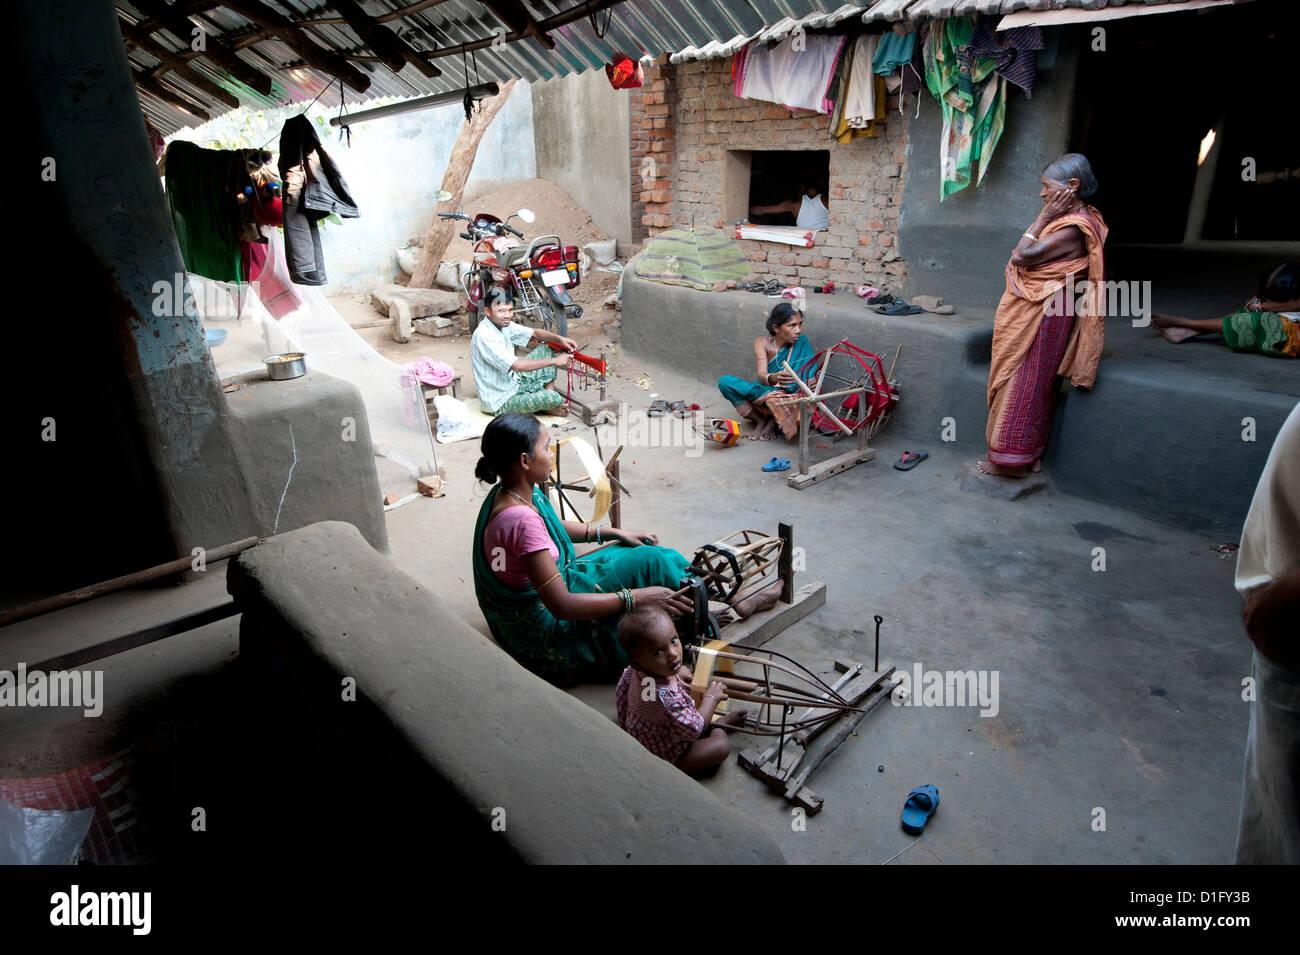 Le donne in comune nel cortile posteriore del villaggio di tessitura e  filatura filo di seta 8cf0d49a774c